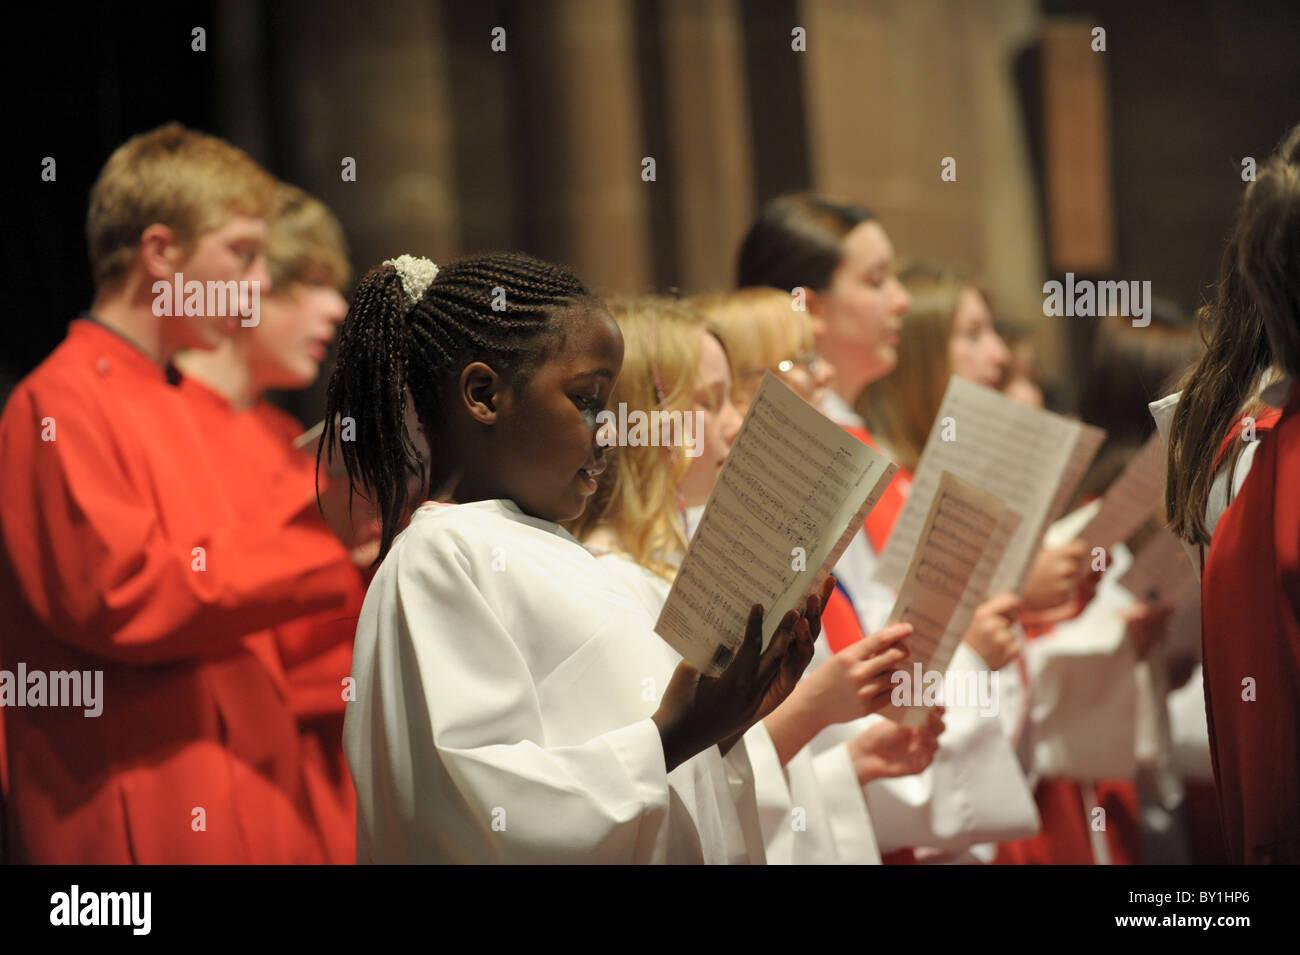 Coro de la Iglesia con los niños en blanco y negro cassocks sosteniendo partituras practicando para un concierto Foto de stock